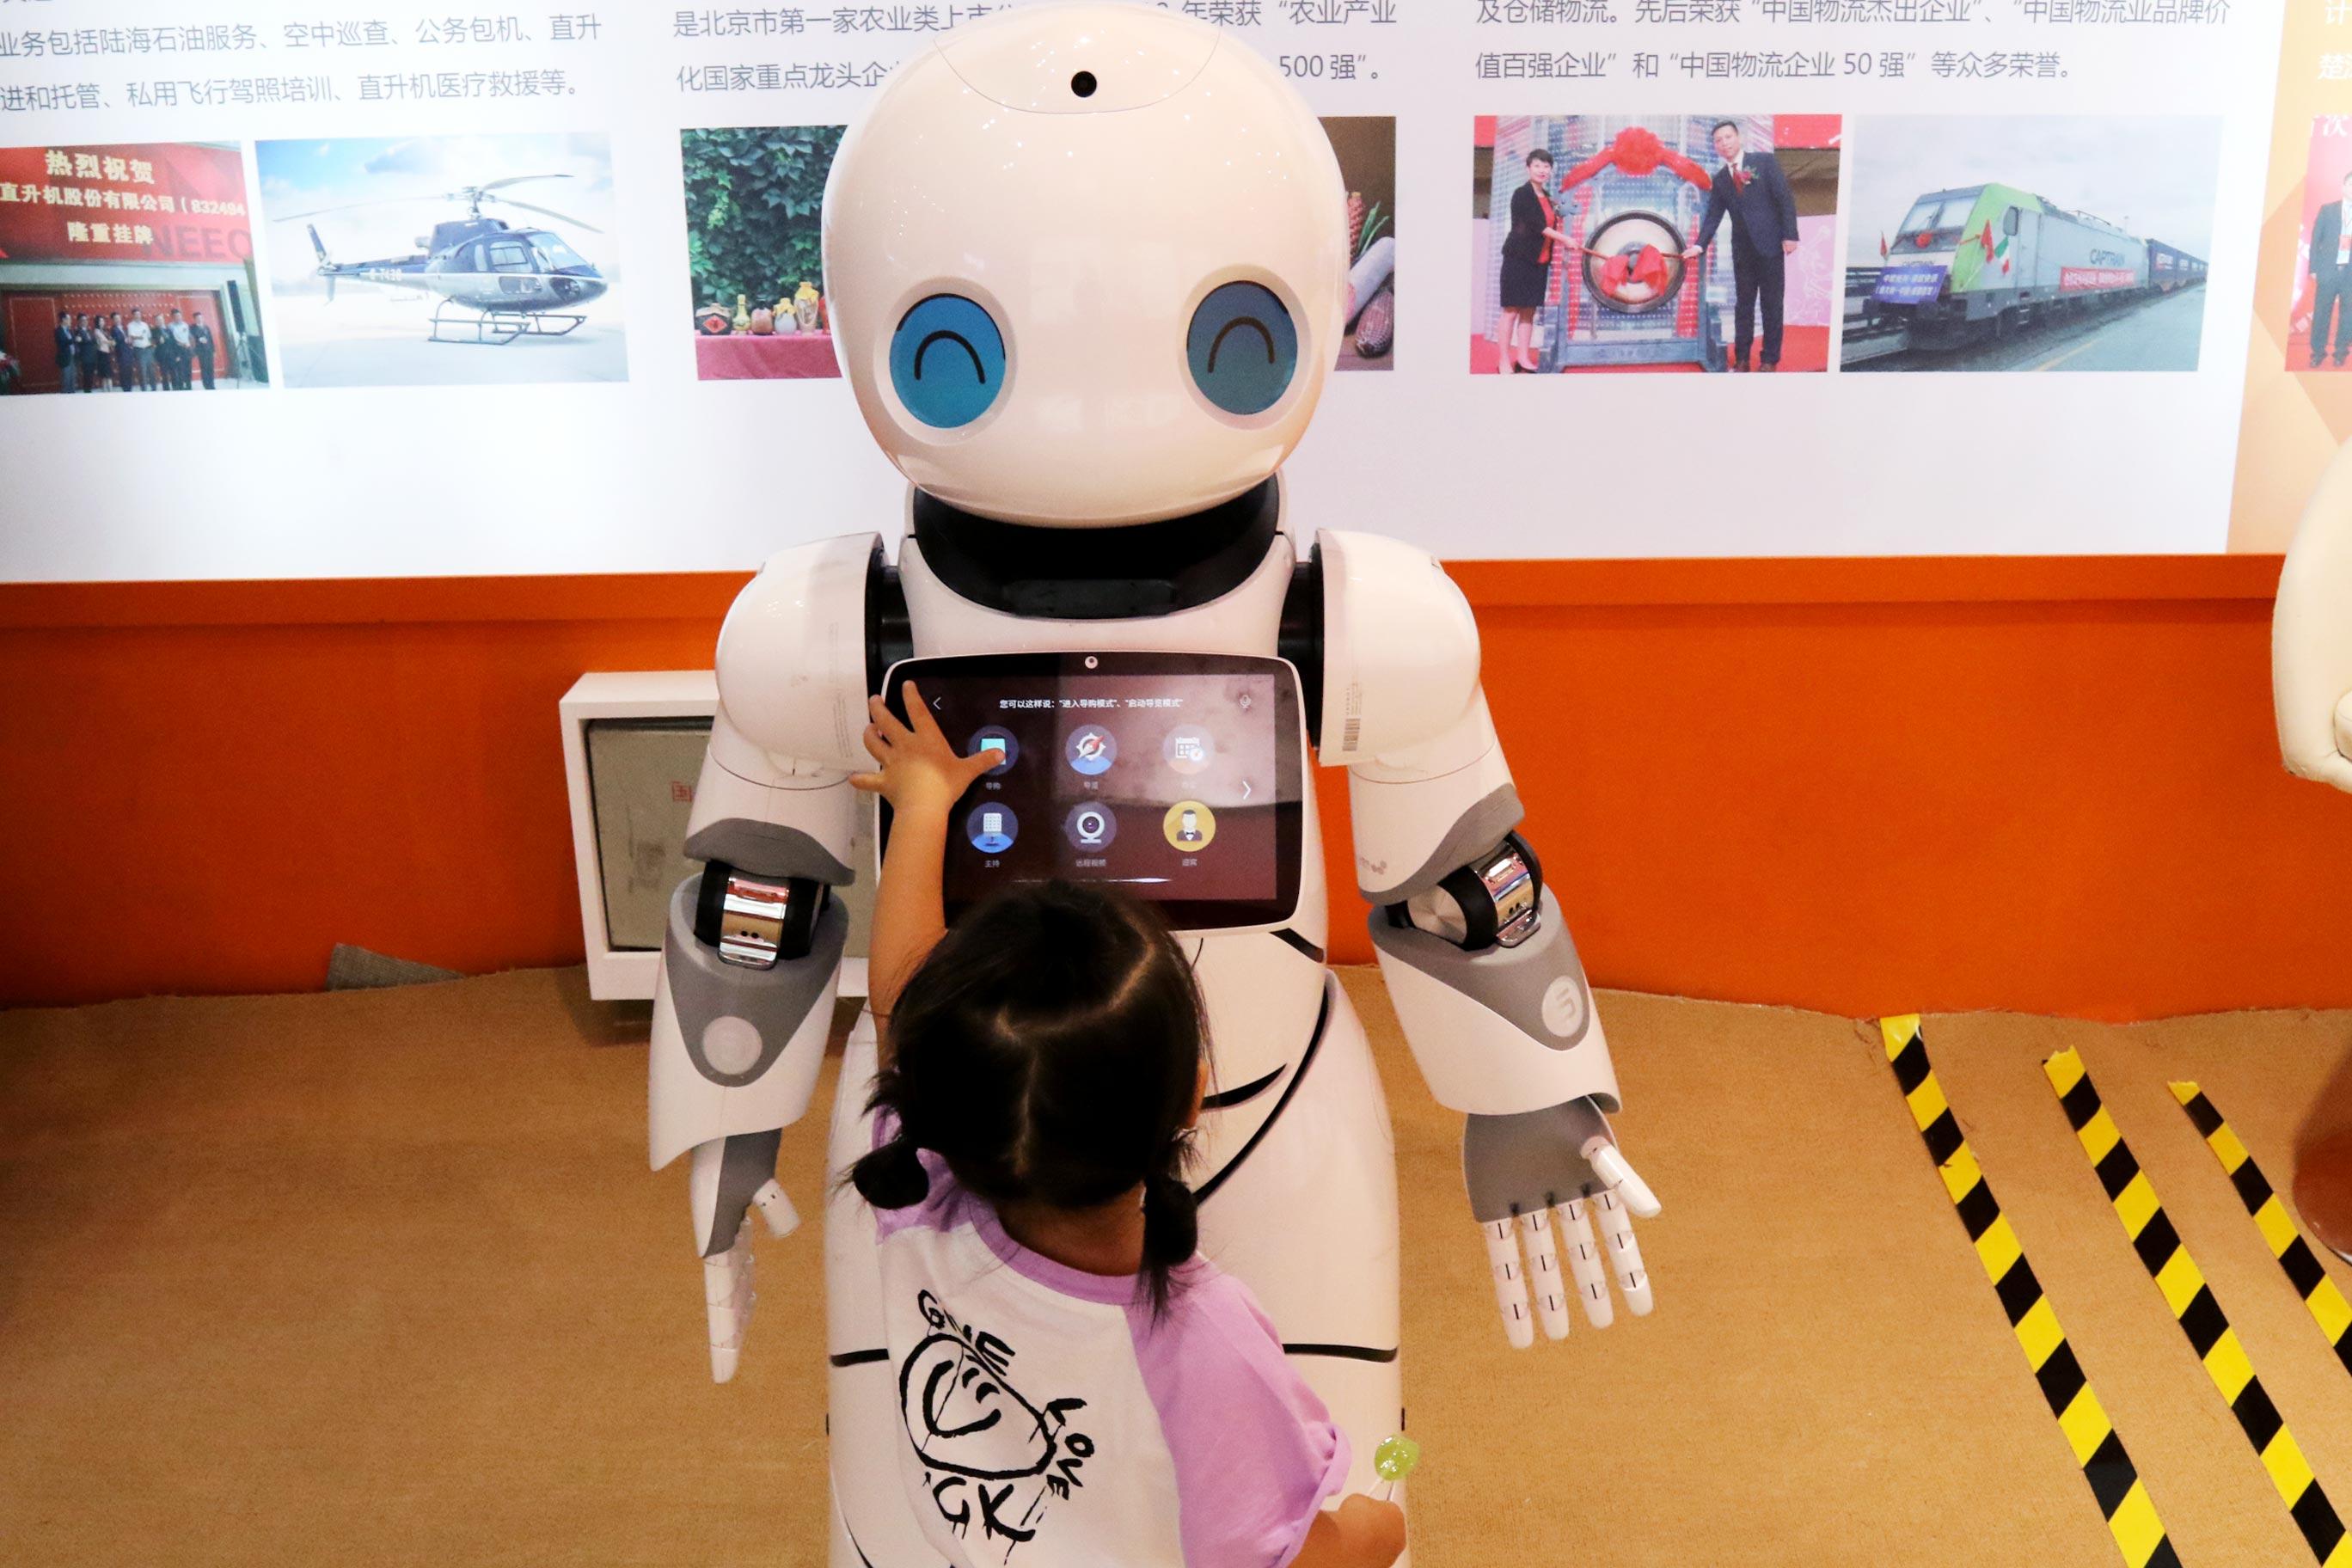 Robots a highlight at Beijing international trade fair